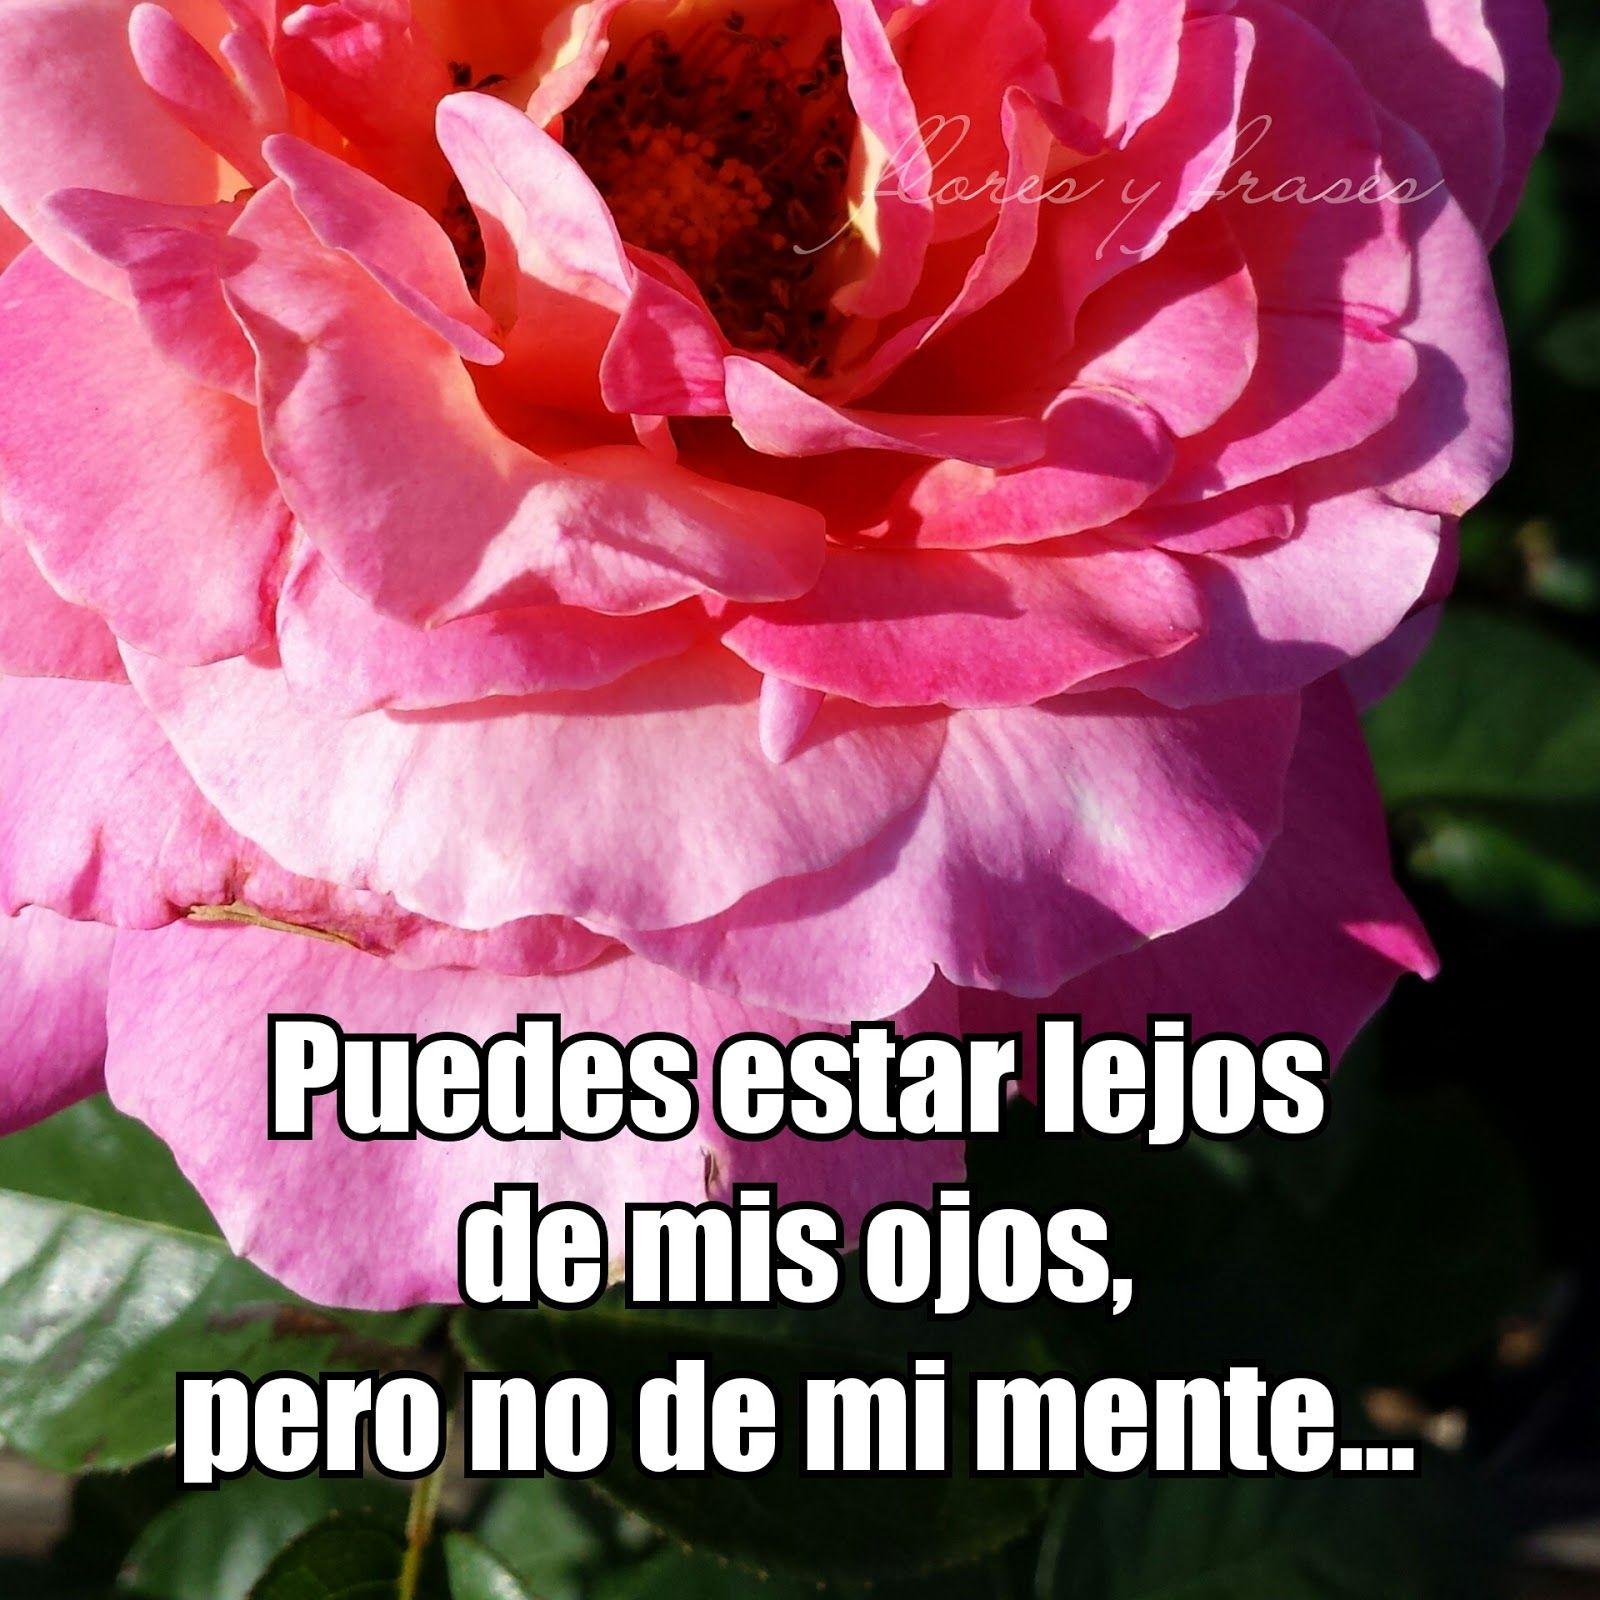 Imagenes De Flores Con Mensajes De Amor